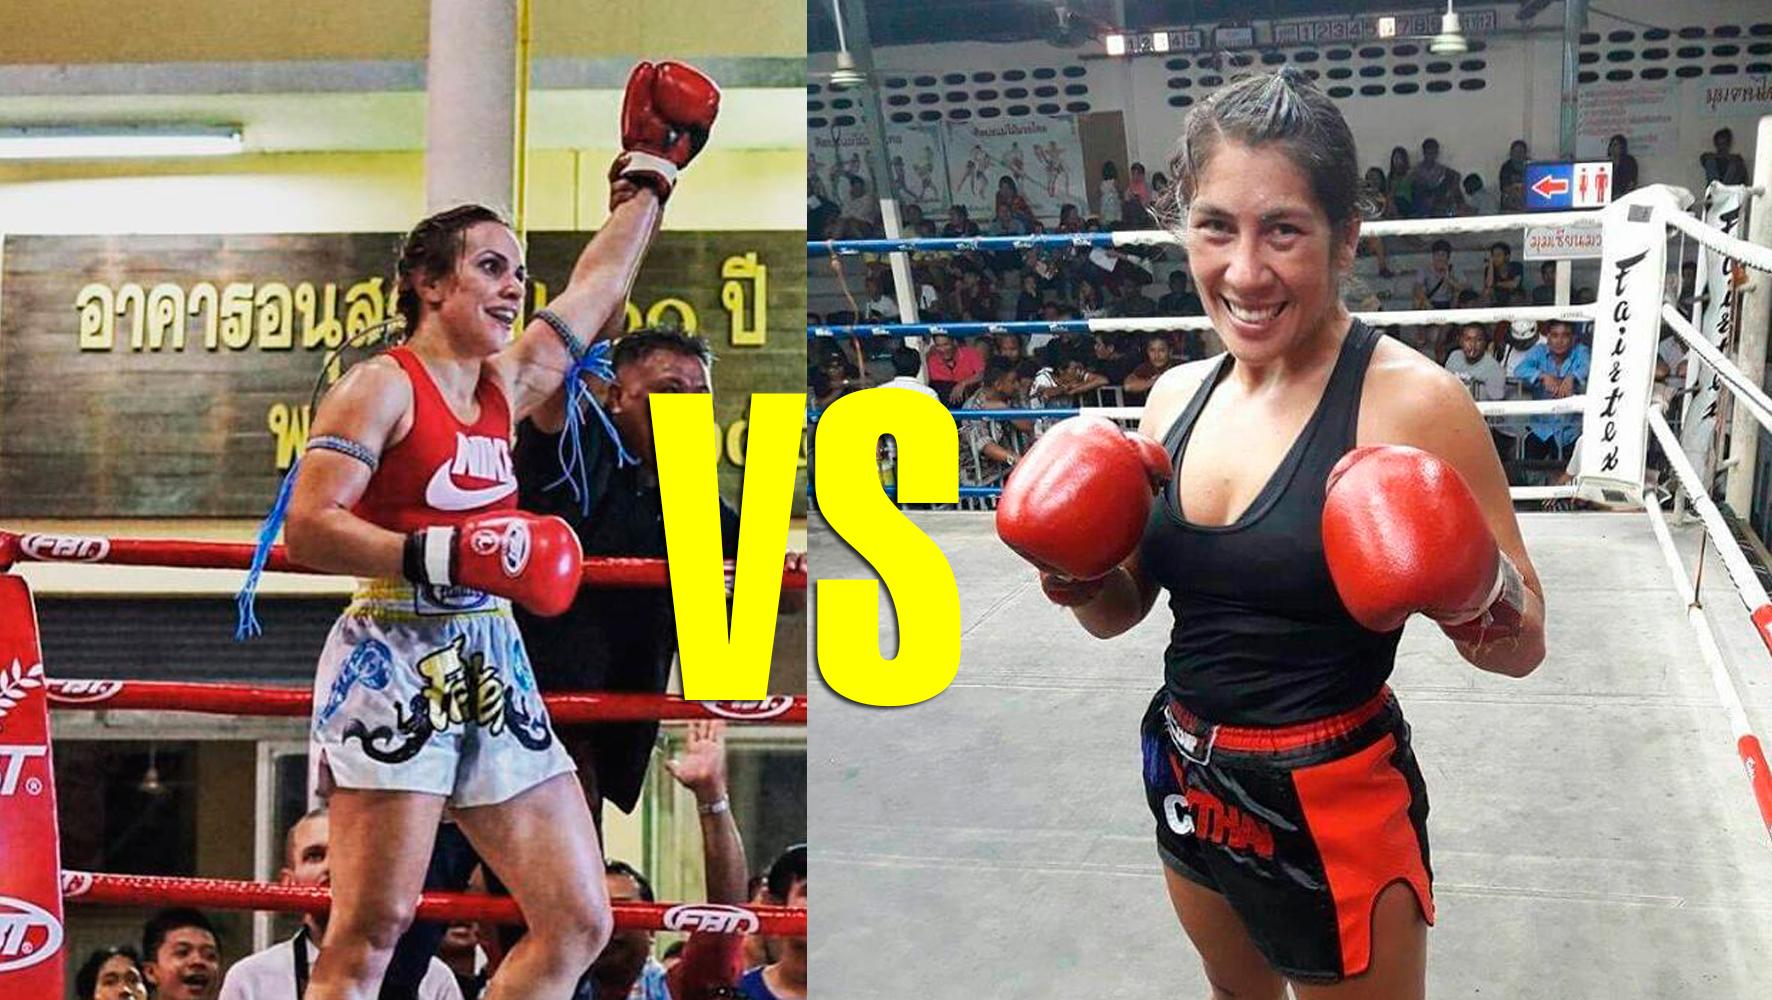 As brasileiras Paula Japa e Daniele Almeida se enfrentam no aniversário do Rei, Lobo e Rhuan brigam por cinturões WPMF